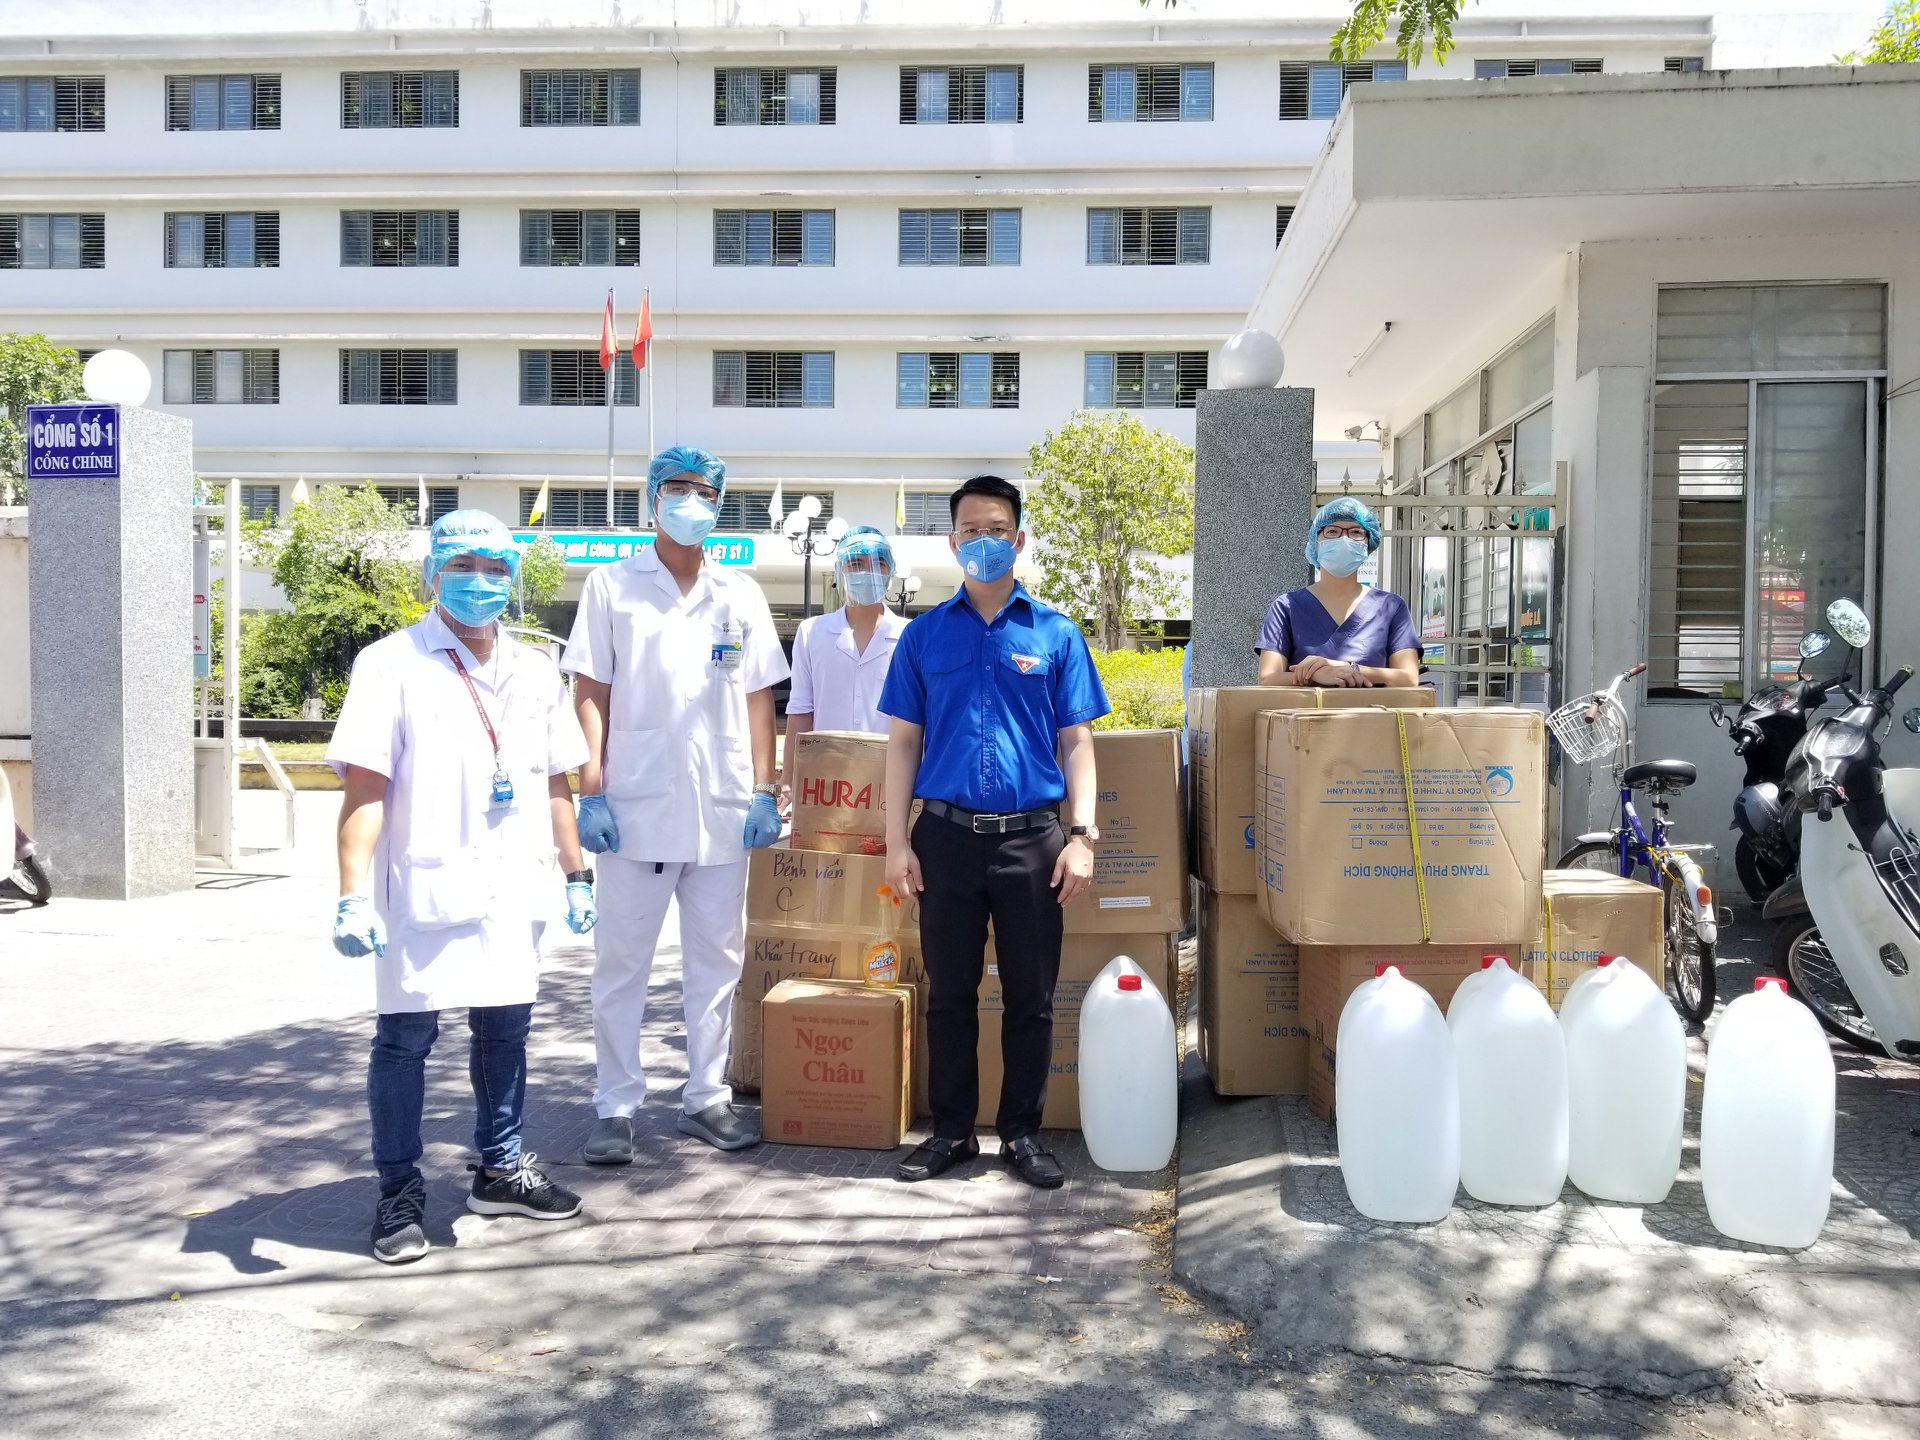 Thành Đoàn Đà Nẵng tiếp tục tiến hành trao tặng vật tư y tế và các nhu yếu phẩm cho các bệnh viện trên địa bàn thành phố